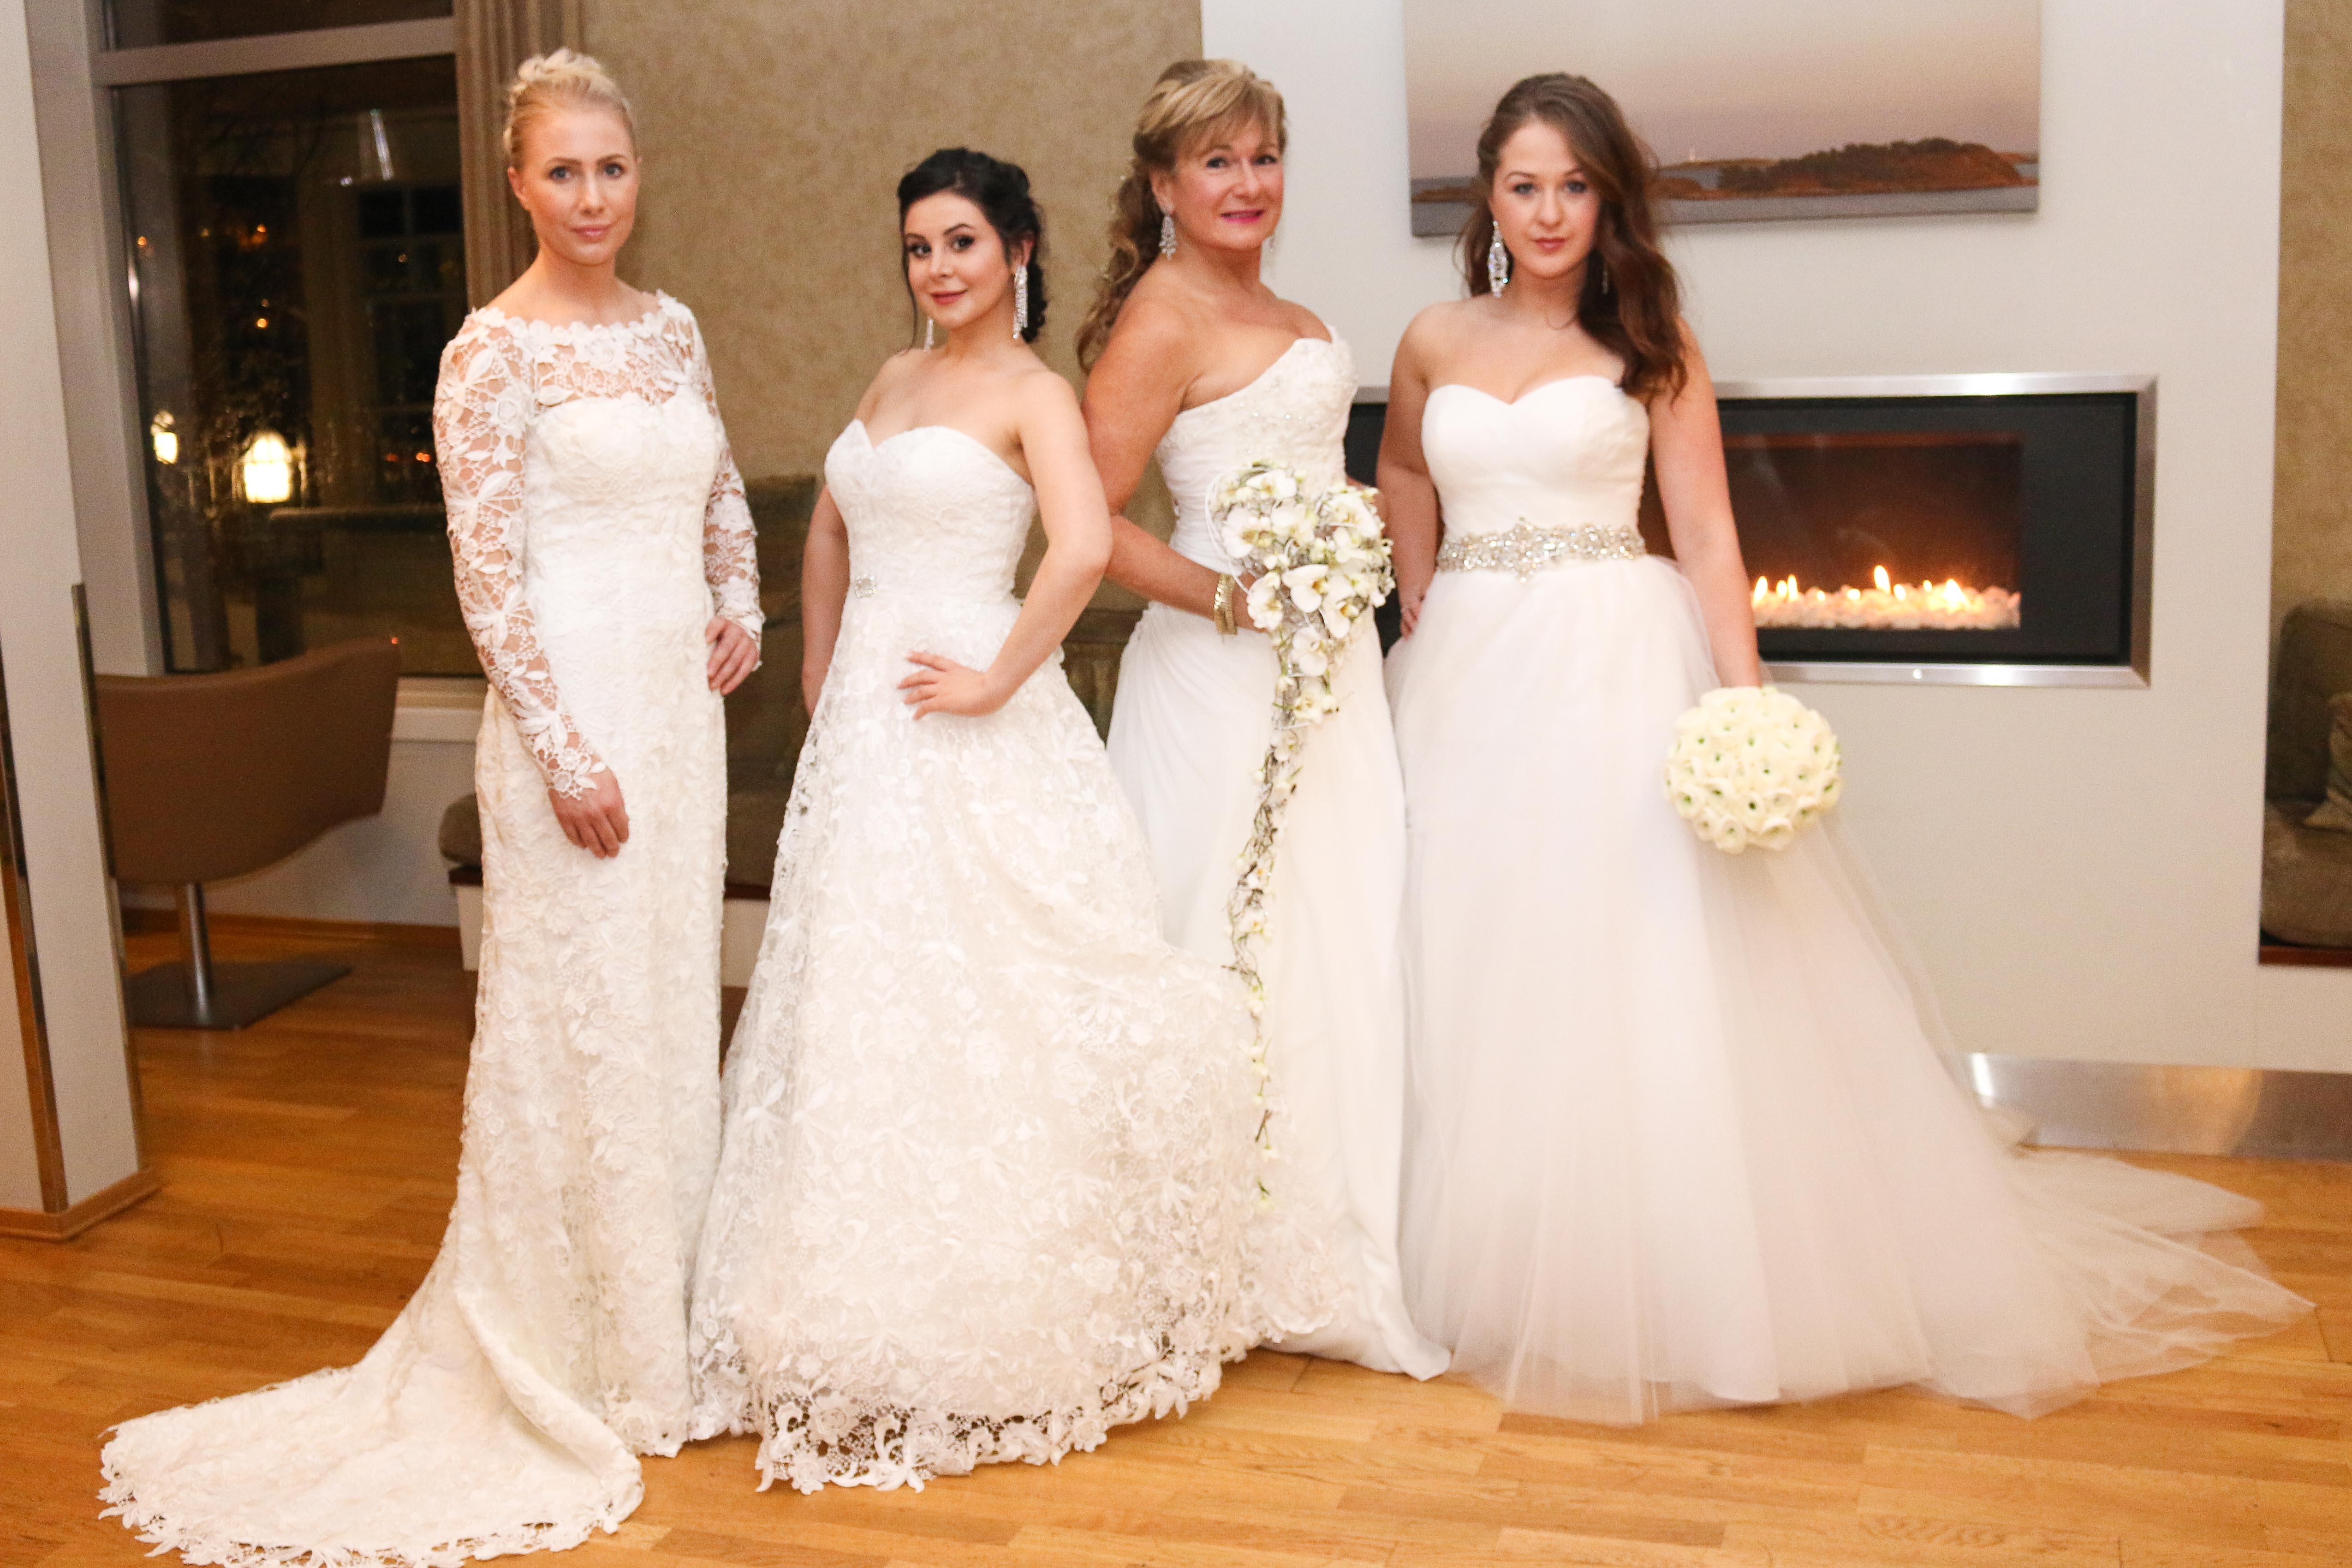 PÅ KVINNEDAGEN: Årets Brudemesse Ble Arrangert På Selveste Kvinnedagen. Her Fire Av Modellene. Foto: Valentina Hoxhaj